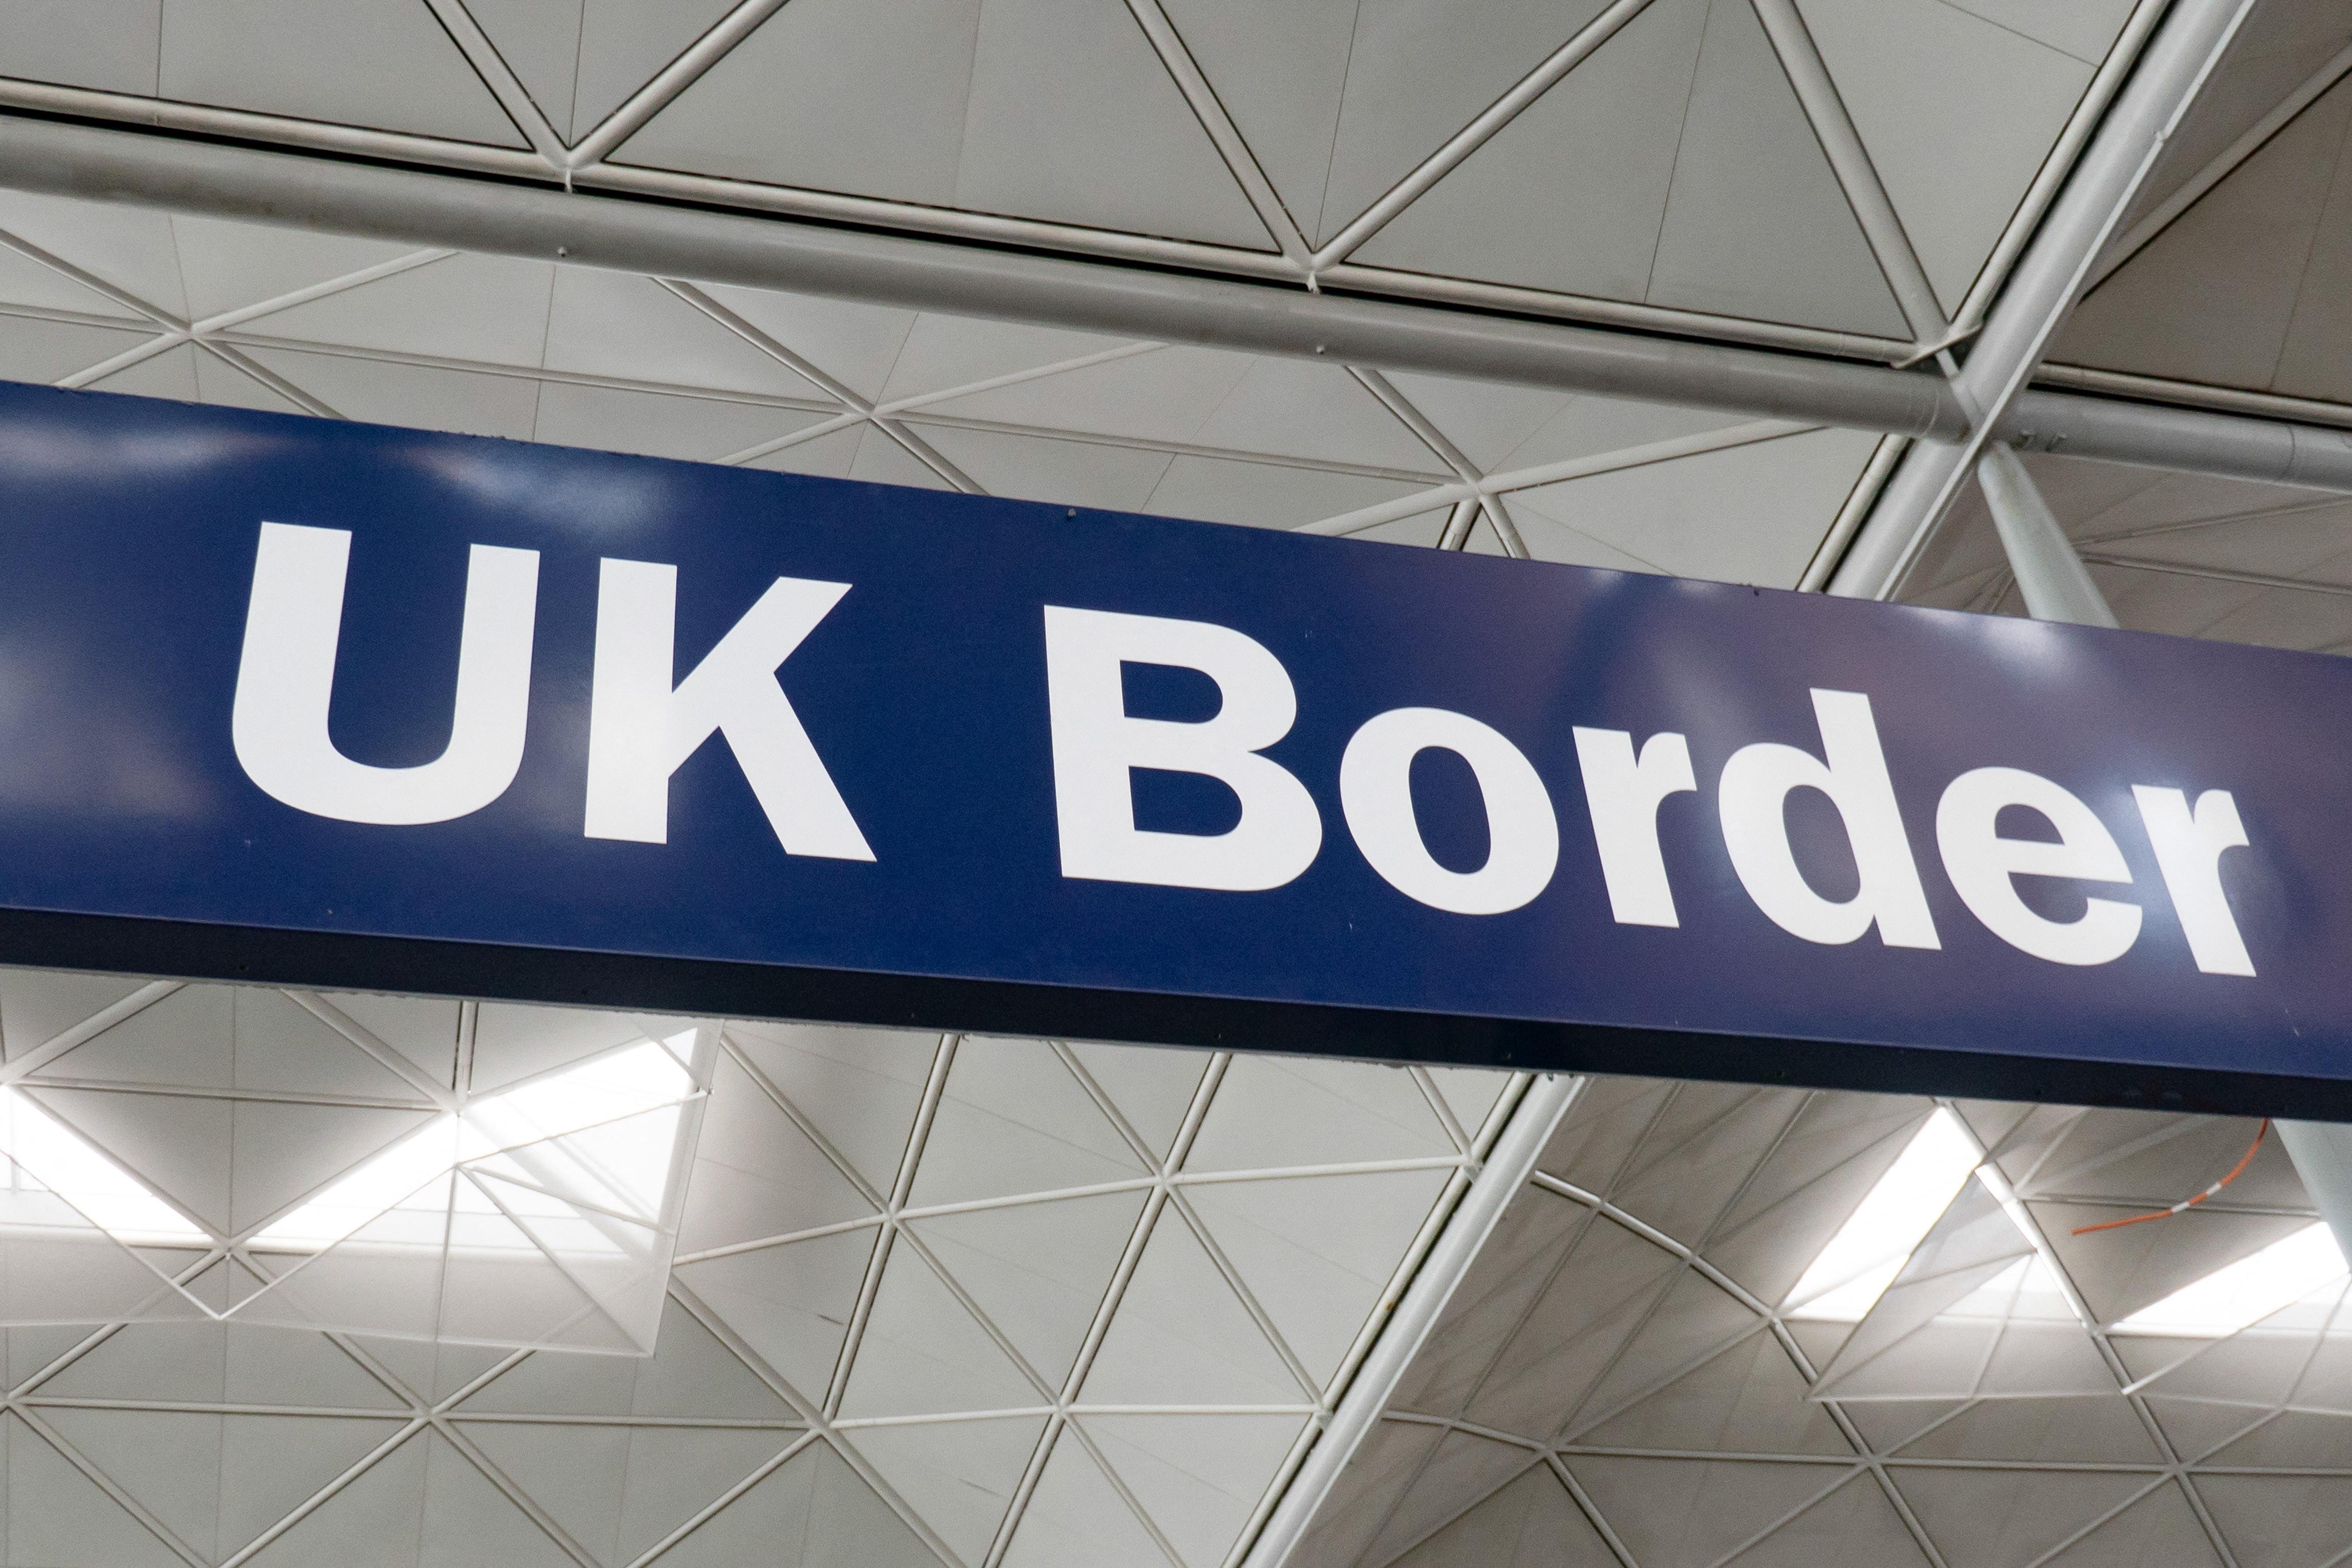 A Brexit óta az Egyesült Királyság kikötőiben ellenőrzött uniós állampolgárok 60 százaléka Romániából érkezett